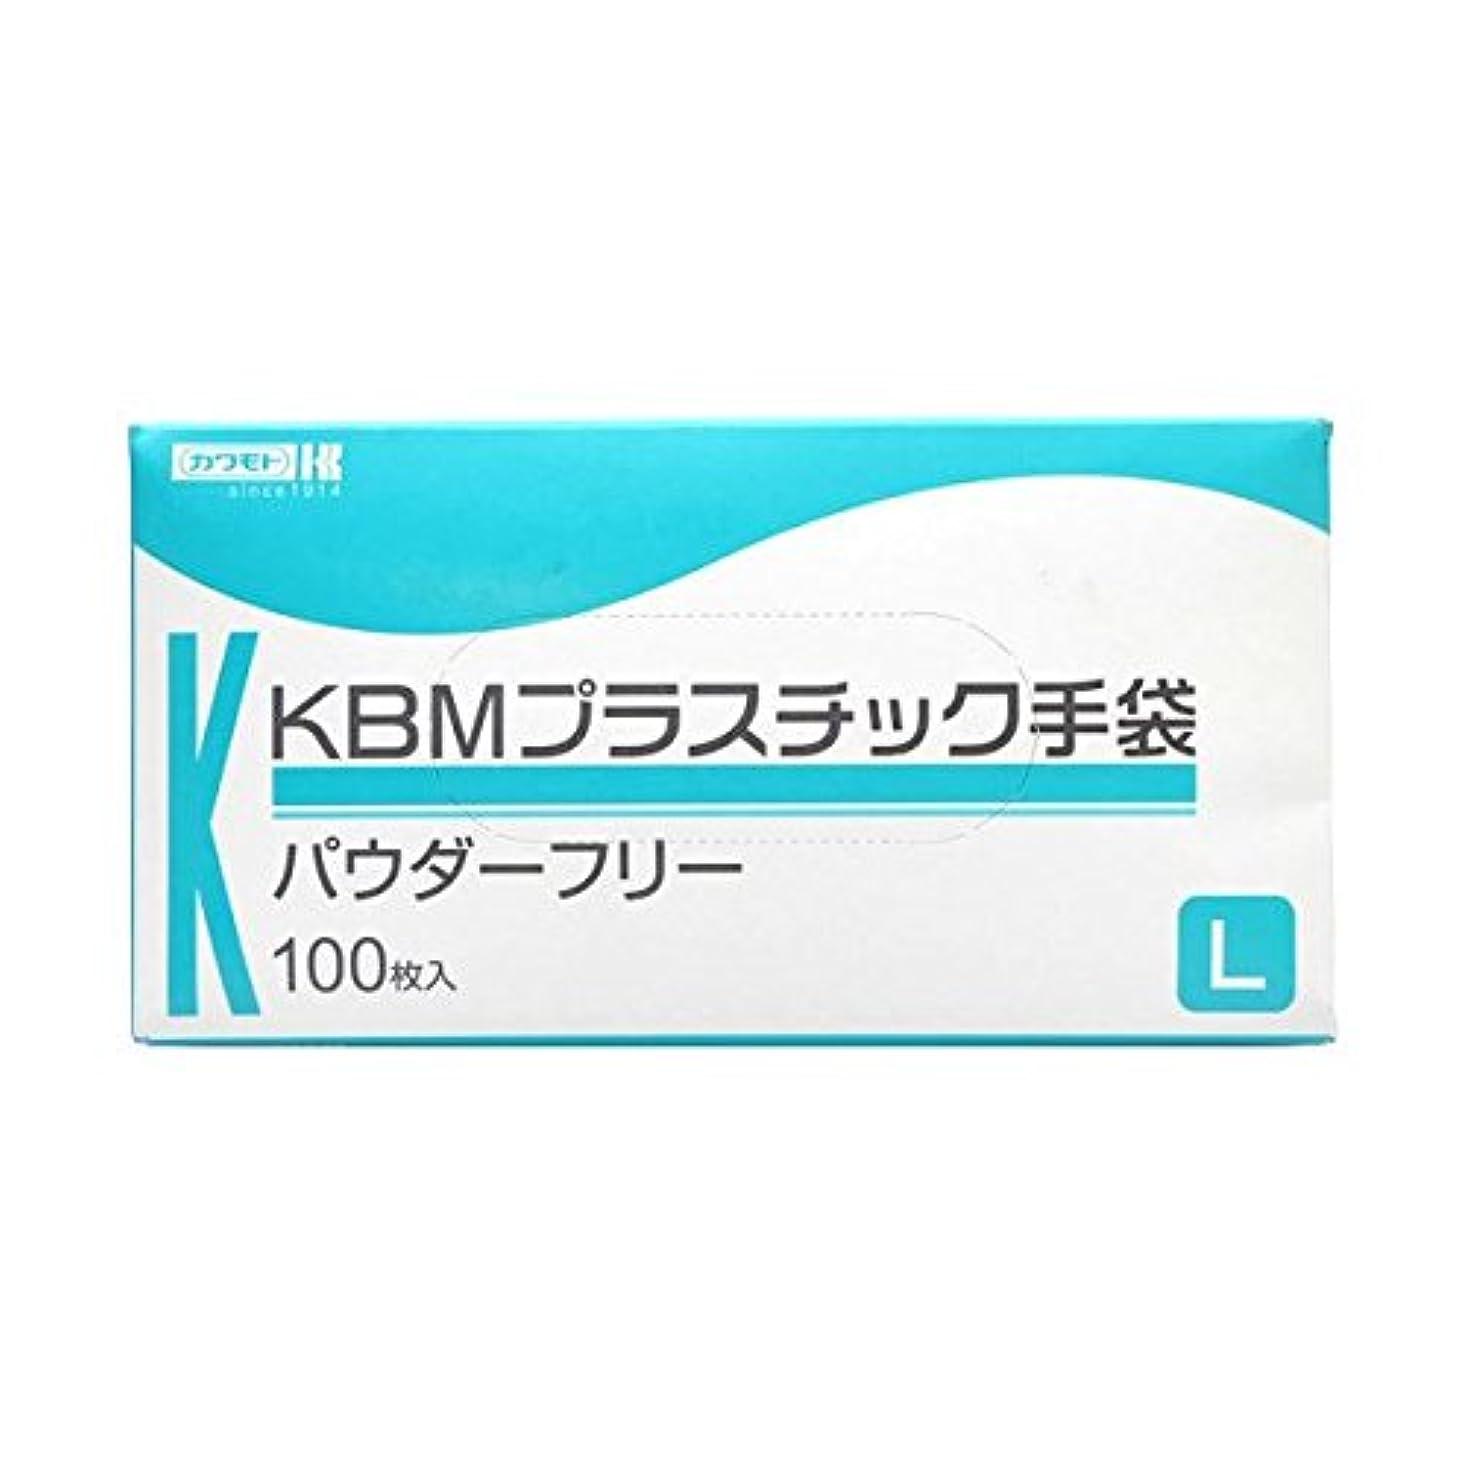 簡略化する高めるあいまいさ川本産業 KBMプラスチック手袋 パウダーフリー L 100枚入 ×3個